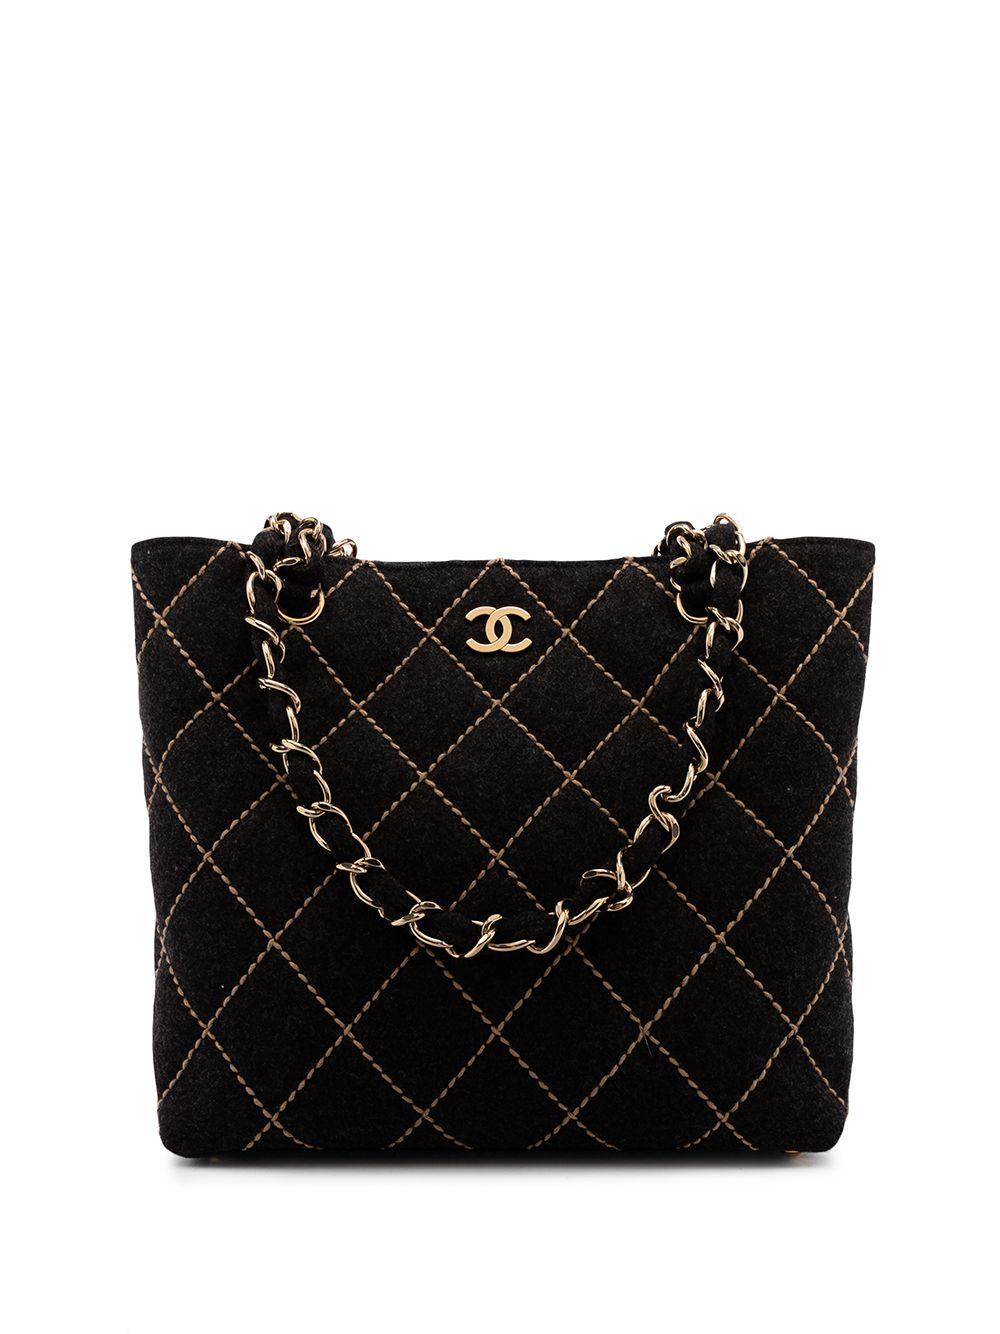 Chanel Pre-Owned 2003-2004 Wild Stitch CC tote bag - Black